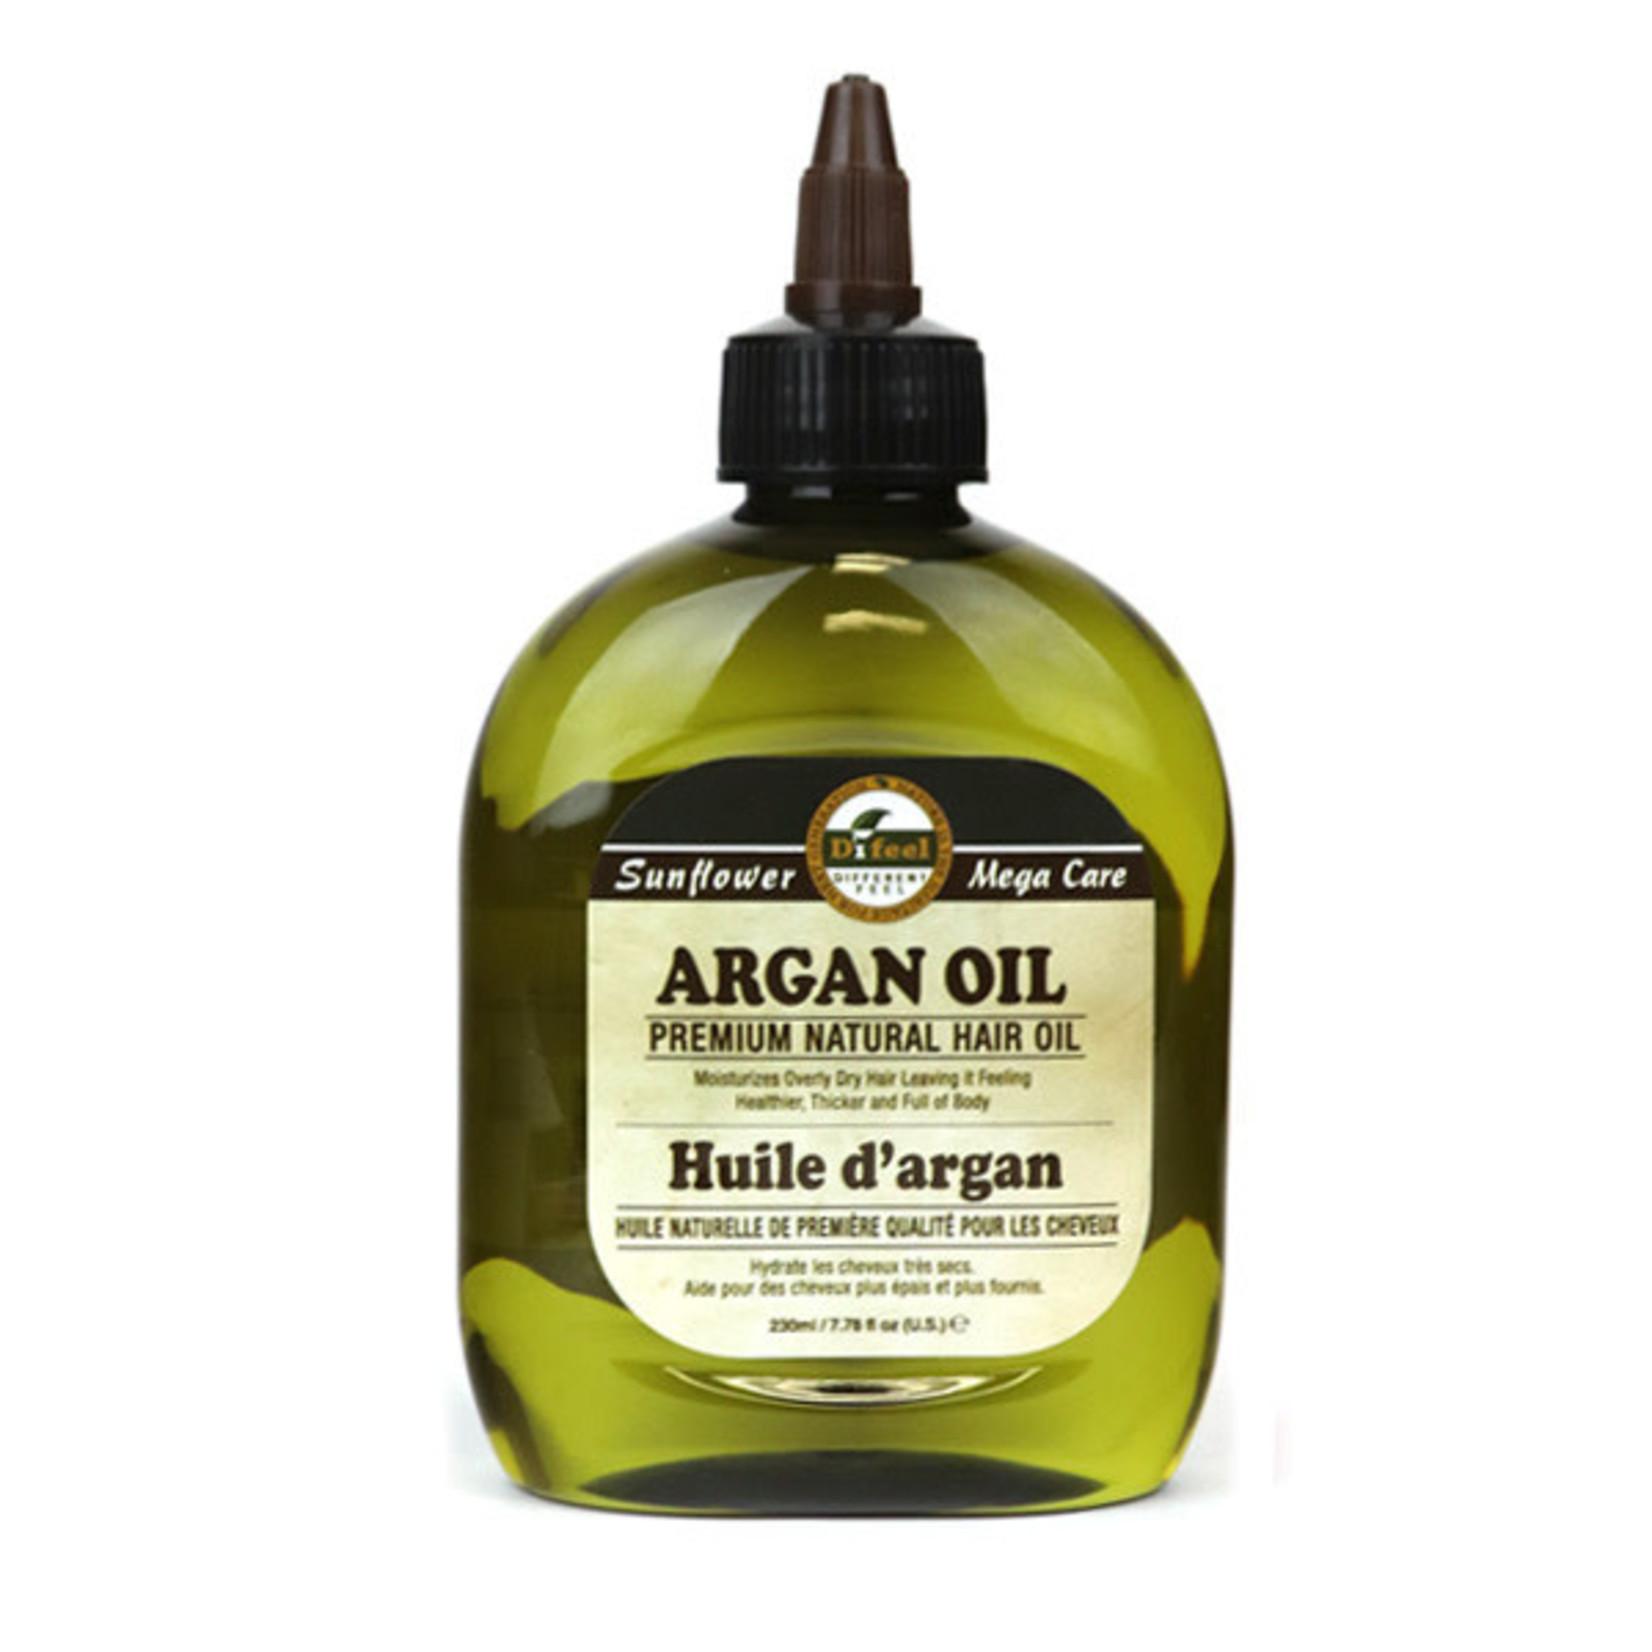 SUNFLOWER SUNFLOWER DIFEEL 99% NATURAL BLEND PREMIUM HAIR OIL [7.78OZ] - ARGAN OIL